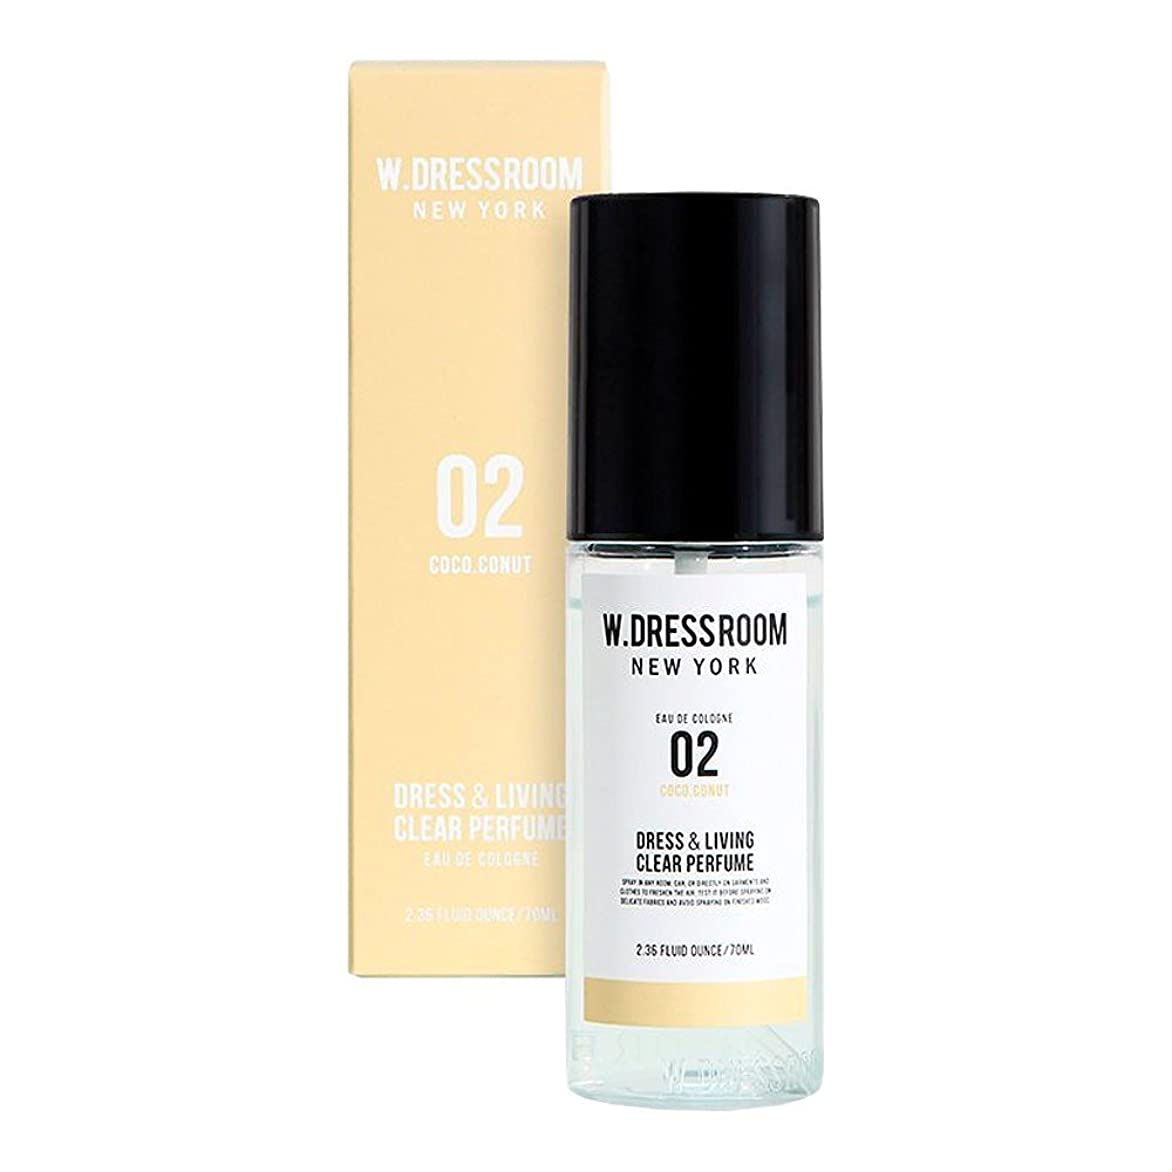 小切手参照する高原W.DRESSROOM Dress & Living Clear Perfume fragrance 70ml (#No.02 Coco Conut) /ダブルドレスルーム ドレス&リビング クリア パフューム 70ml (#No.02 Coco Conut)